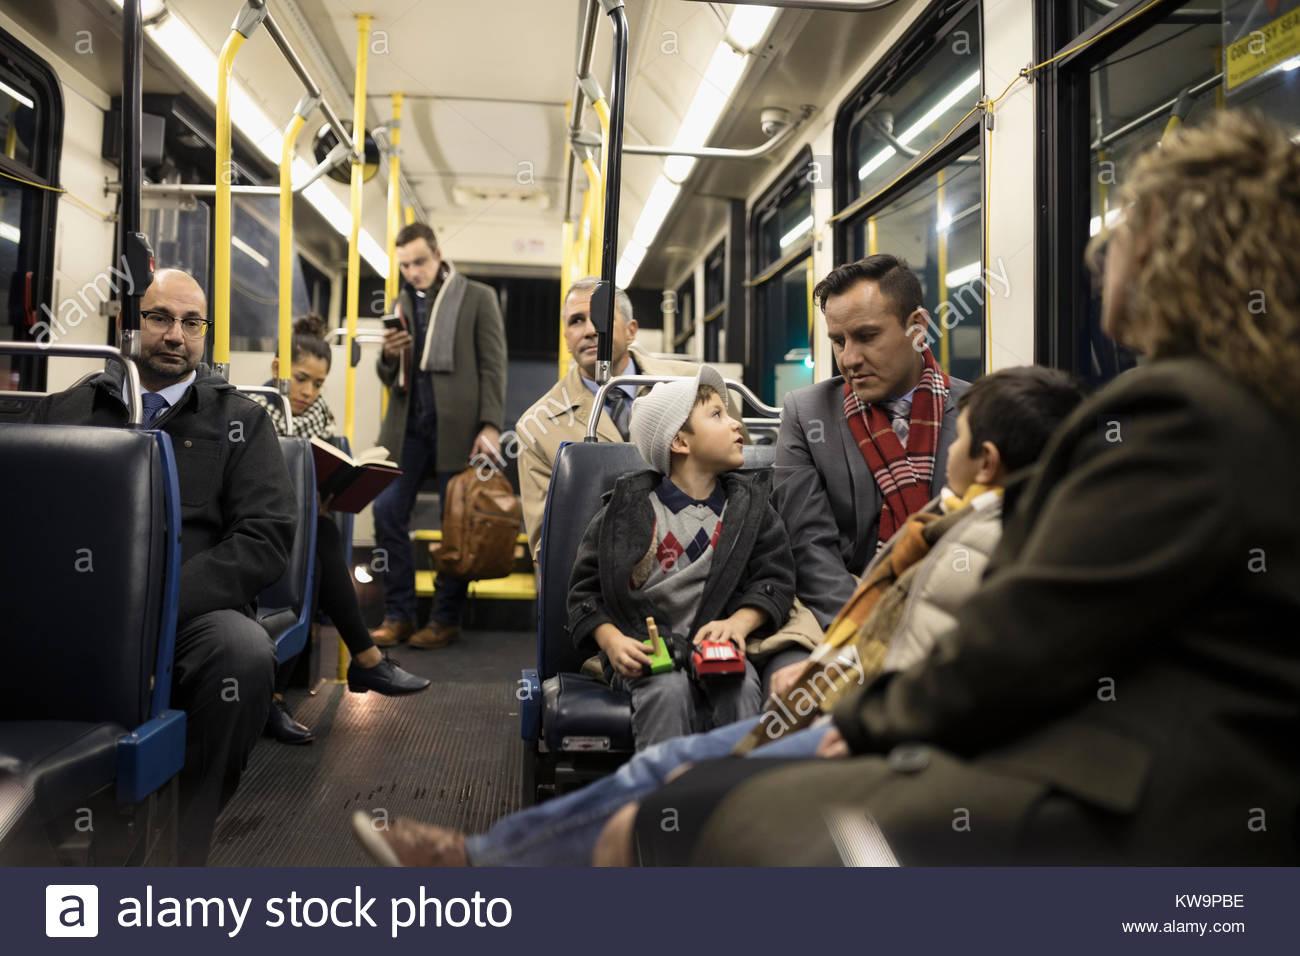 Latino family riding bus - Stock Image